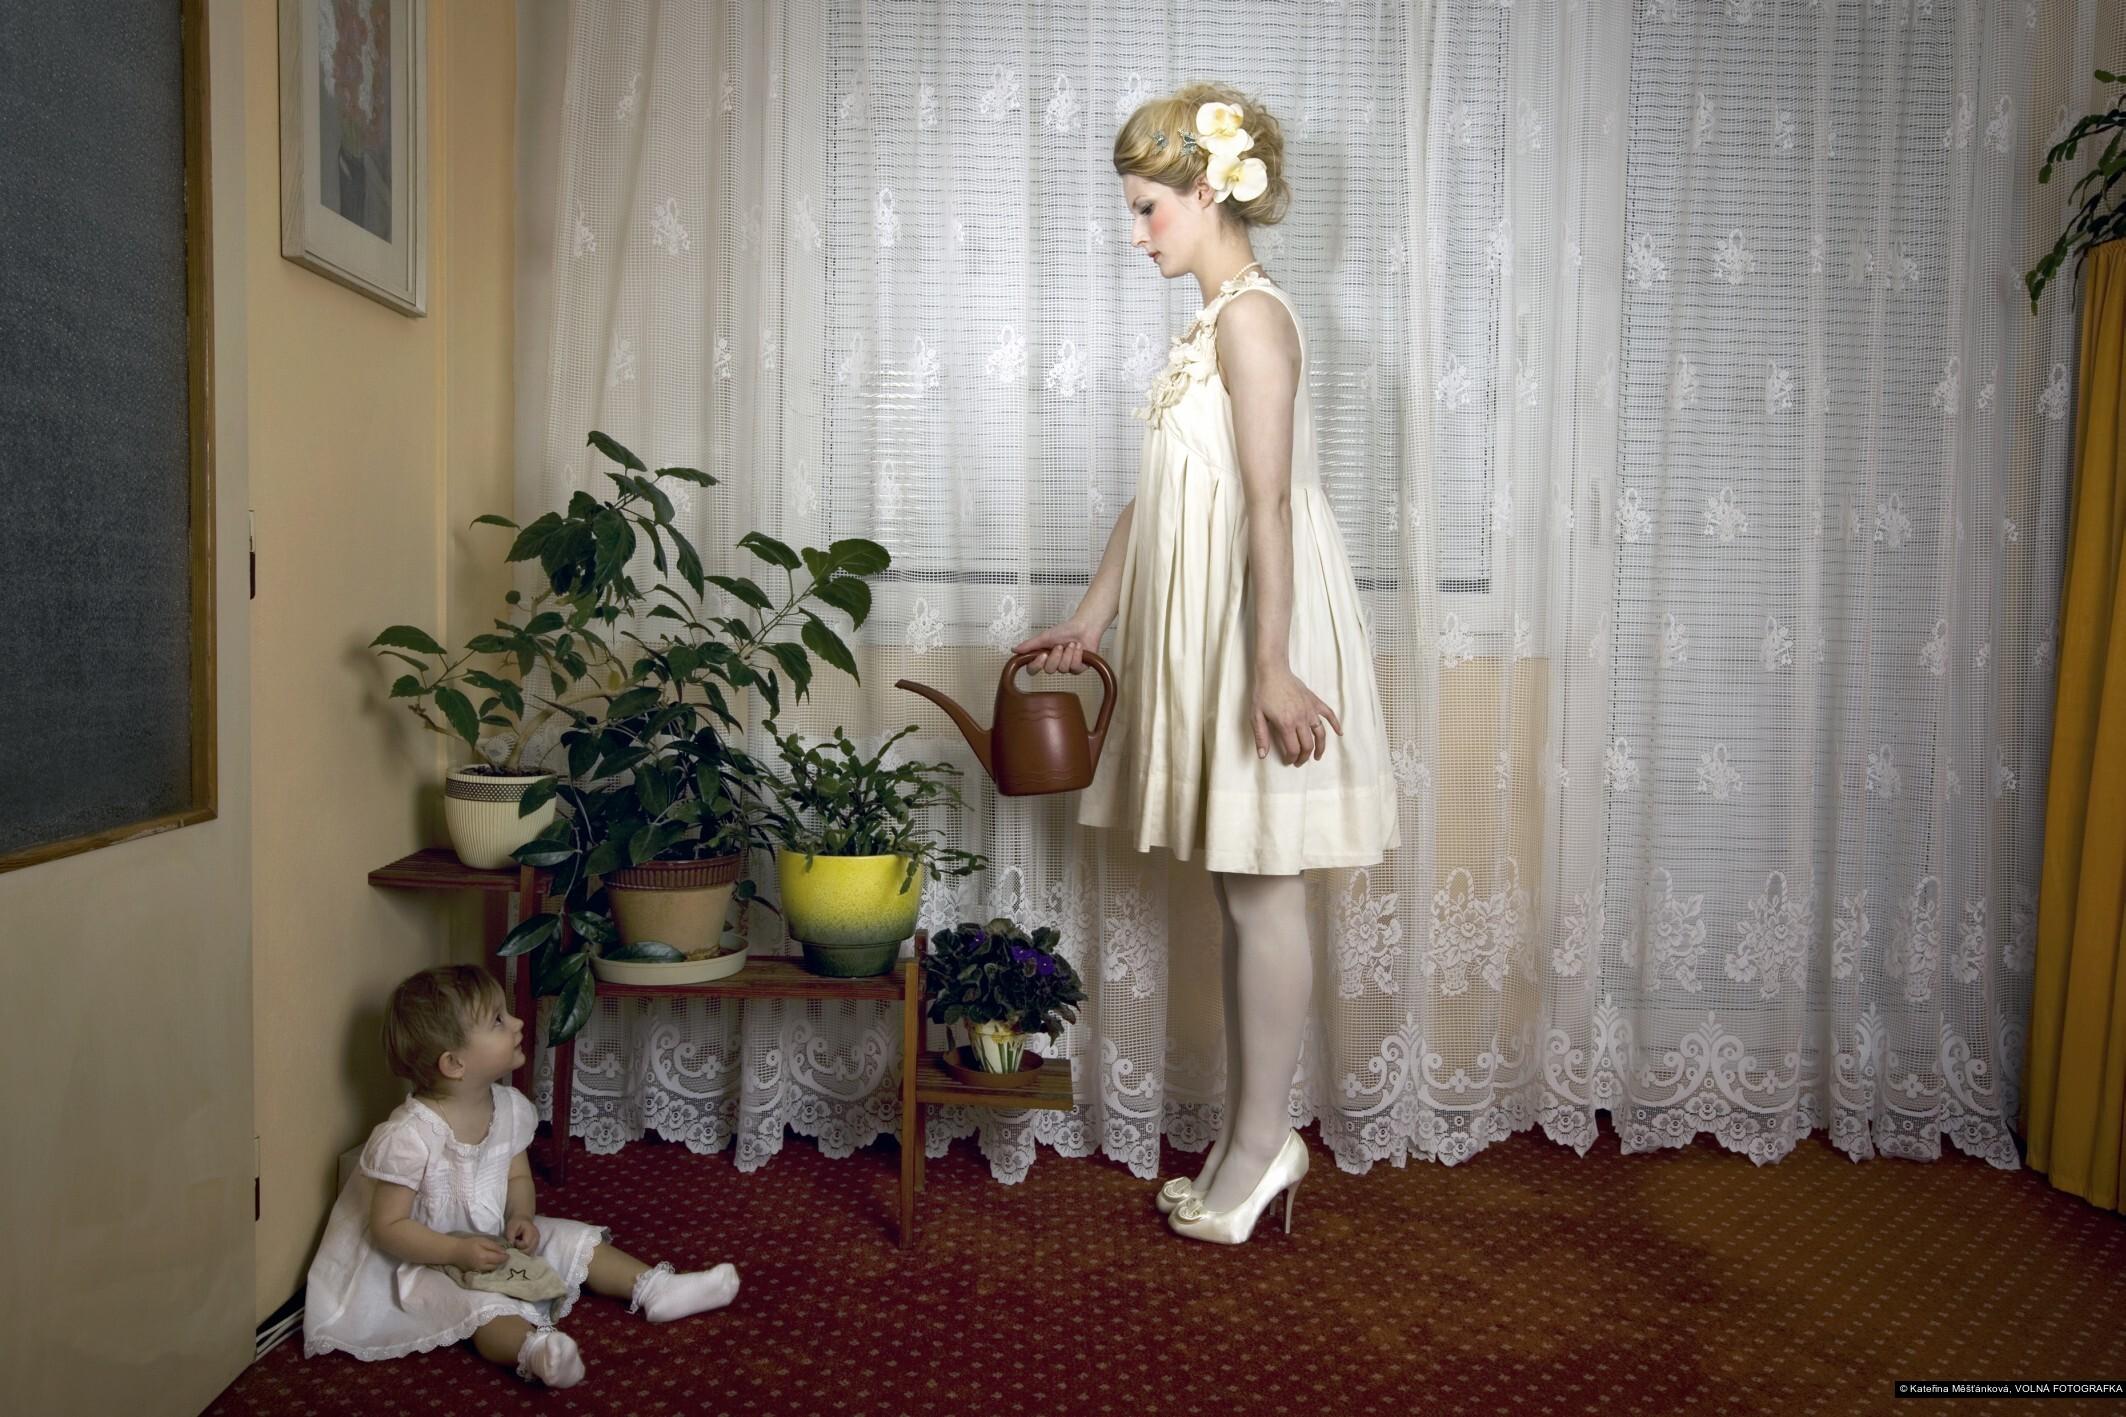 Kateřina Měšťánková, VOLNÁ FOTOGRAFKA